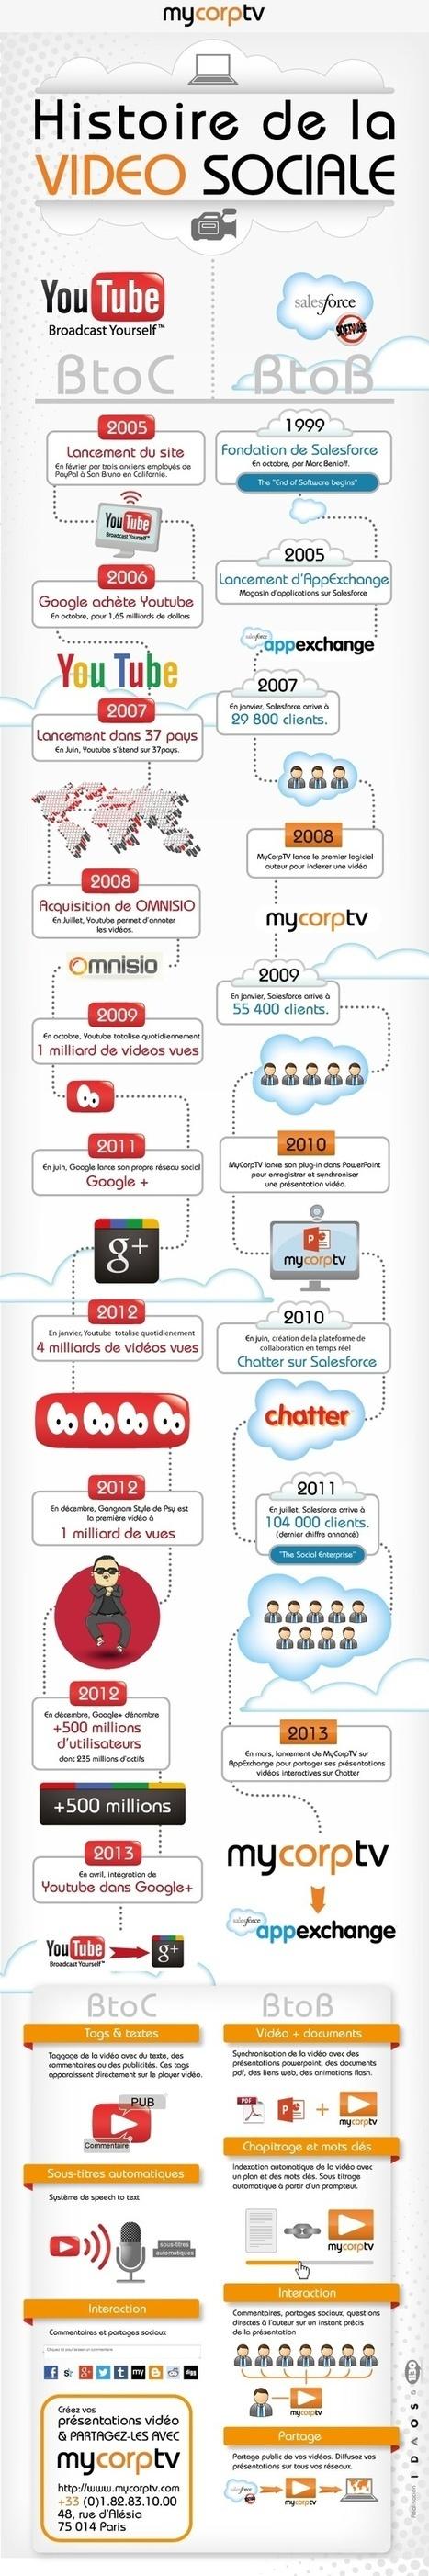 L'histoire de la vidéo sociale | E-répuration, e-influence et personnal branding | Scoop.it